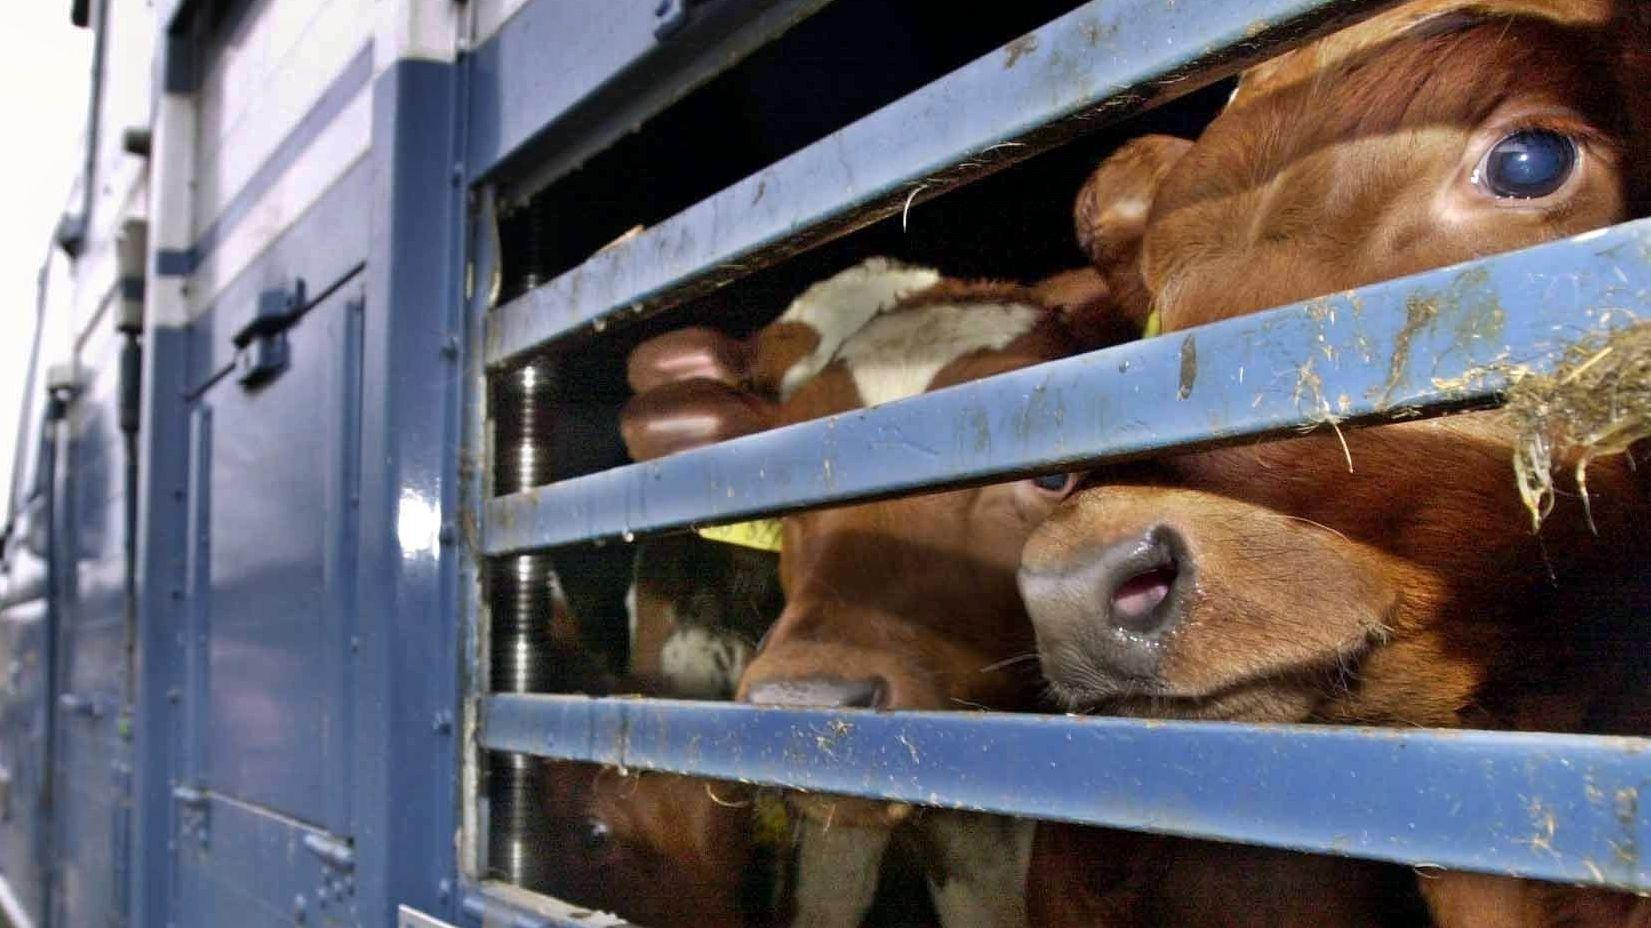 Symbolbild Tiertransport von Rindern